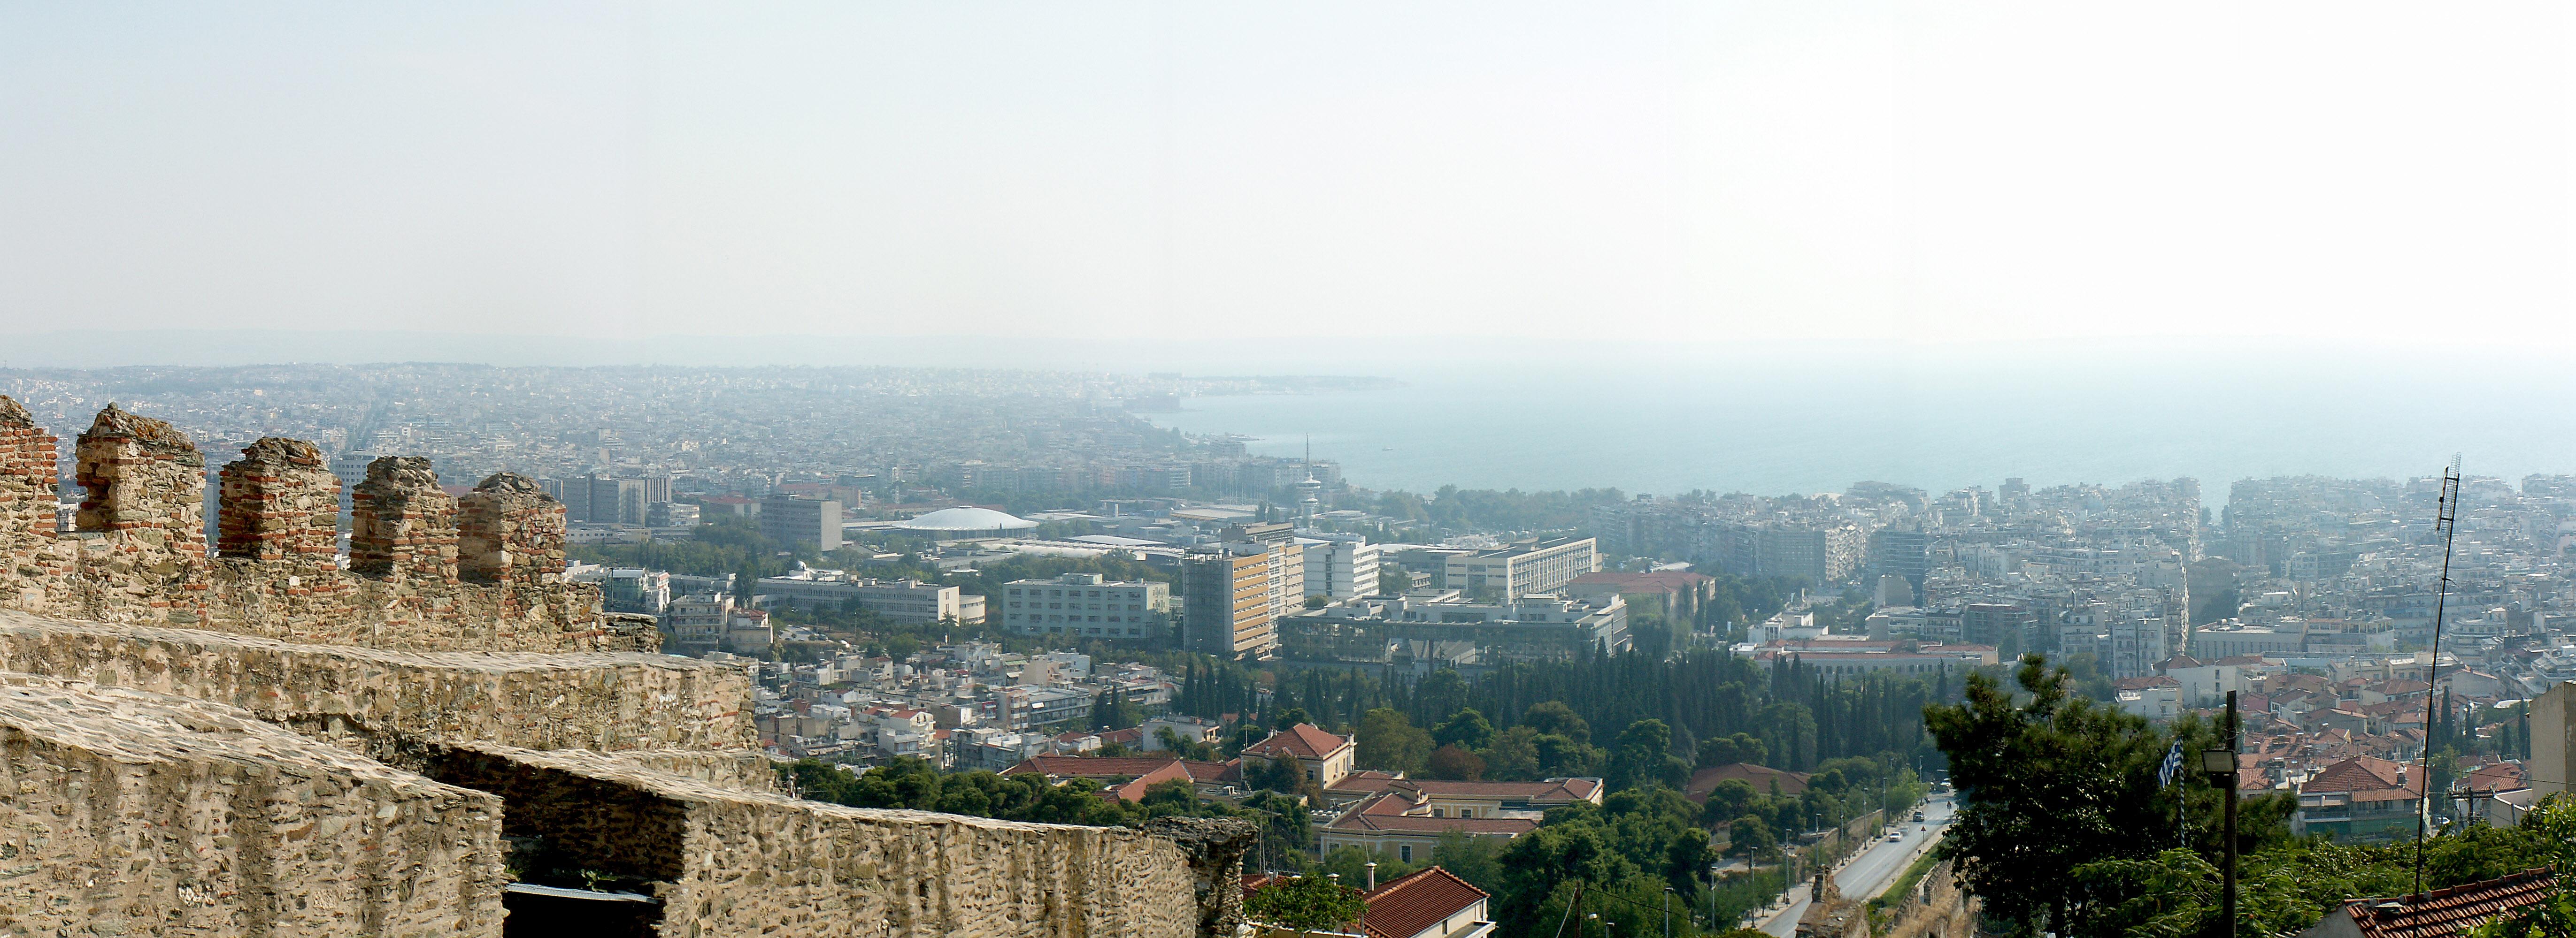 """Vista panorámica de la actual Tesalónica, ciudad en la cual ocurrió en 1936 la manifestación obrera y la represión a ésta que inspiraría a Ritsos para escribir """"Epitafio""""."""